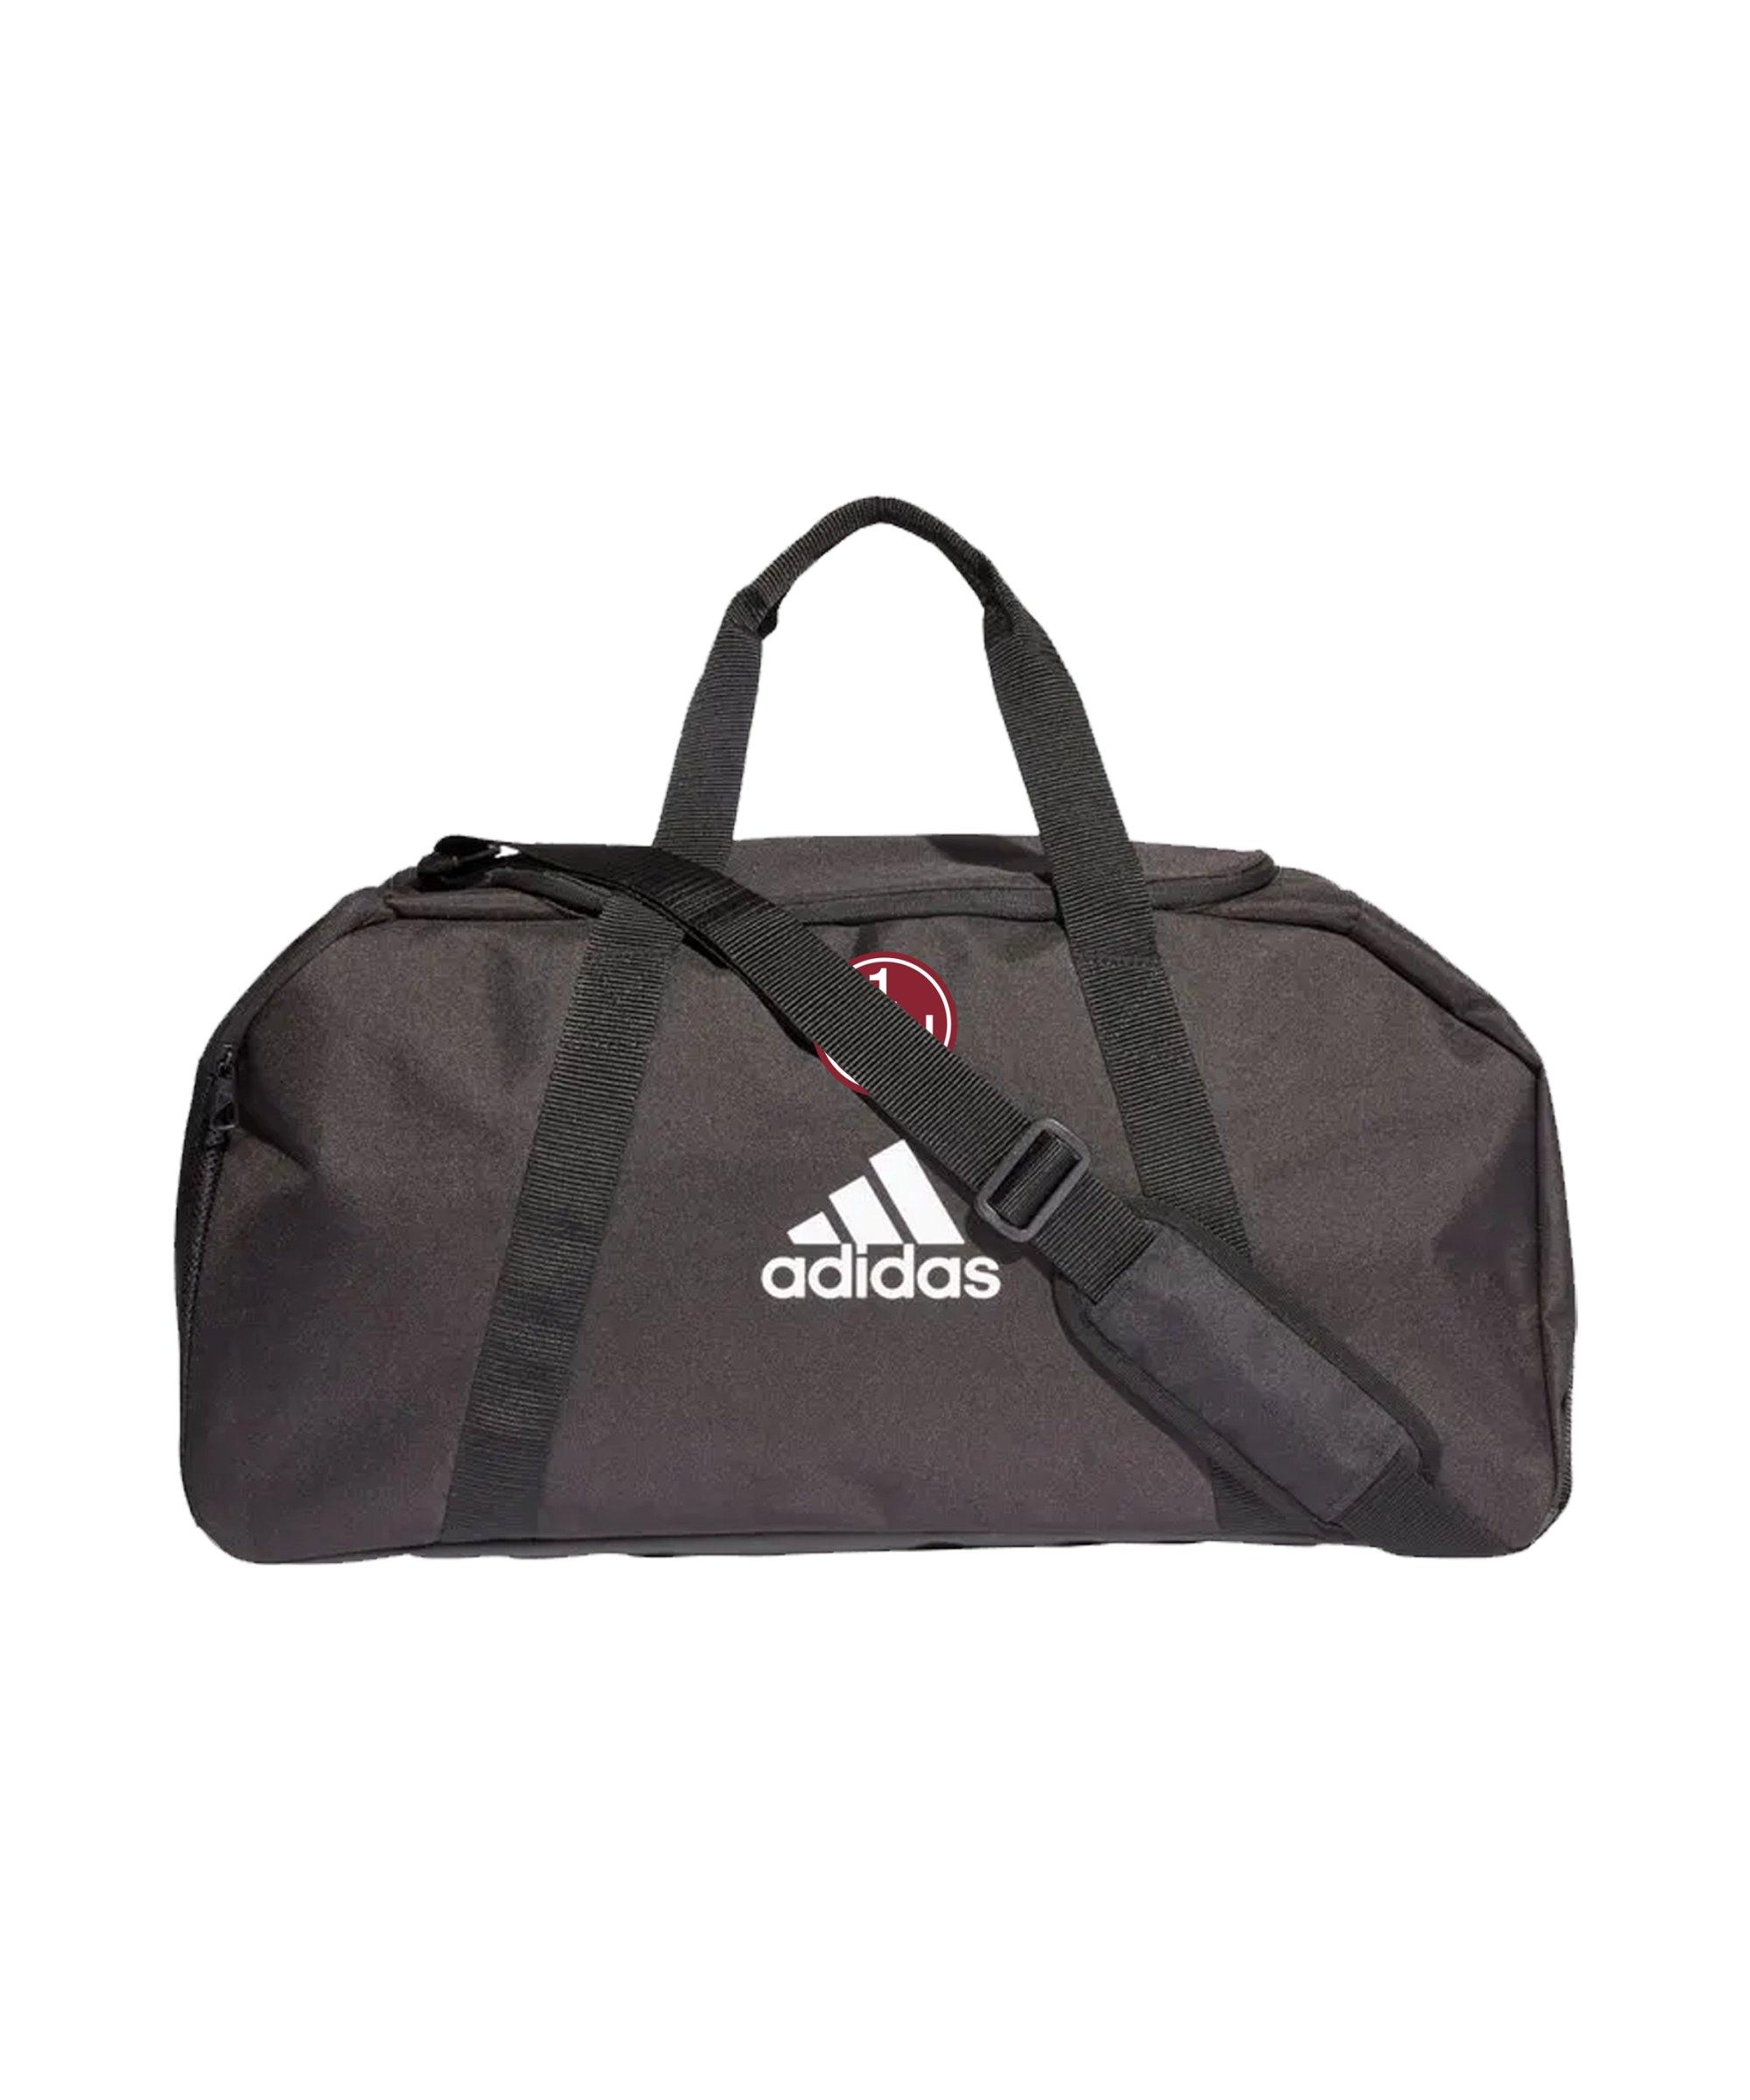 adidas 1. FC Nürnberg Tasche Schwarz - schwarz